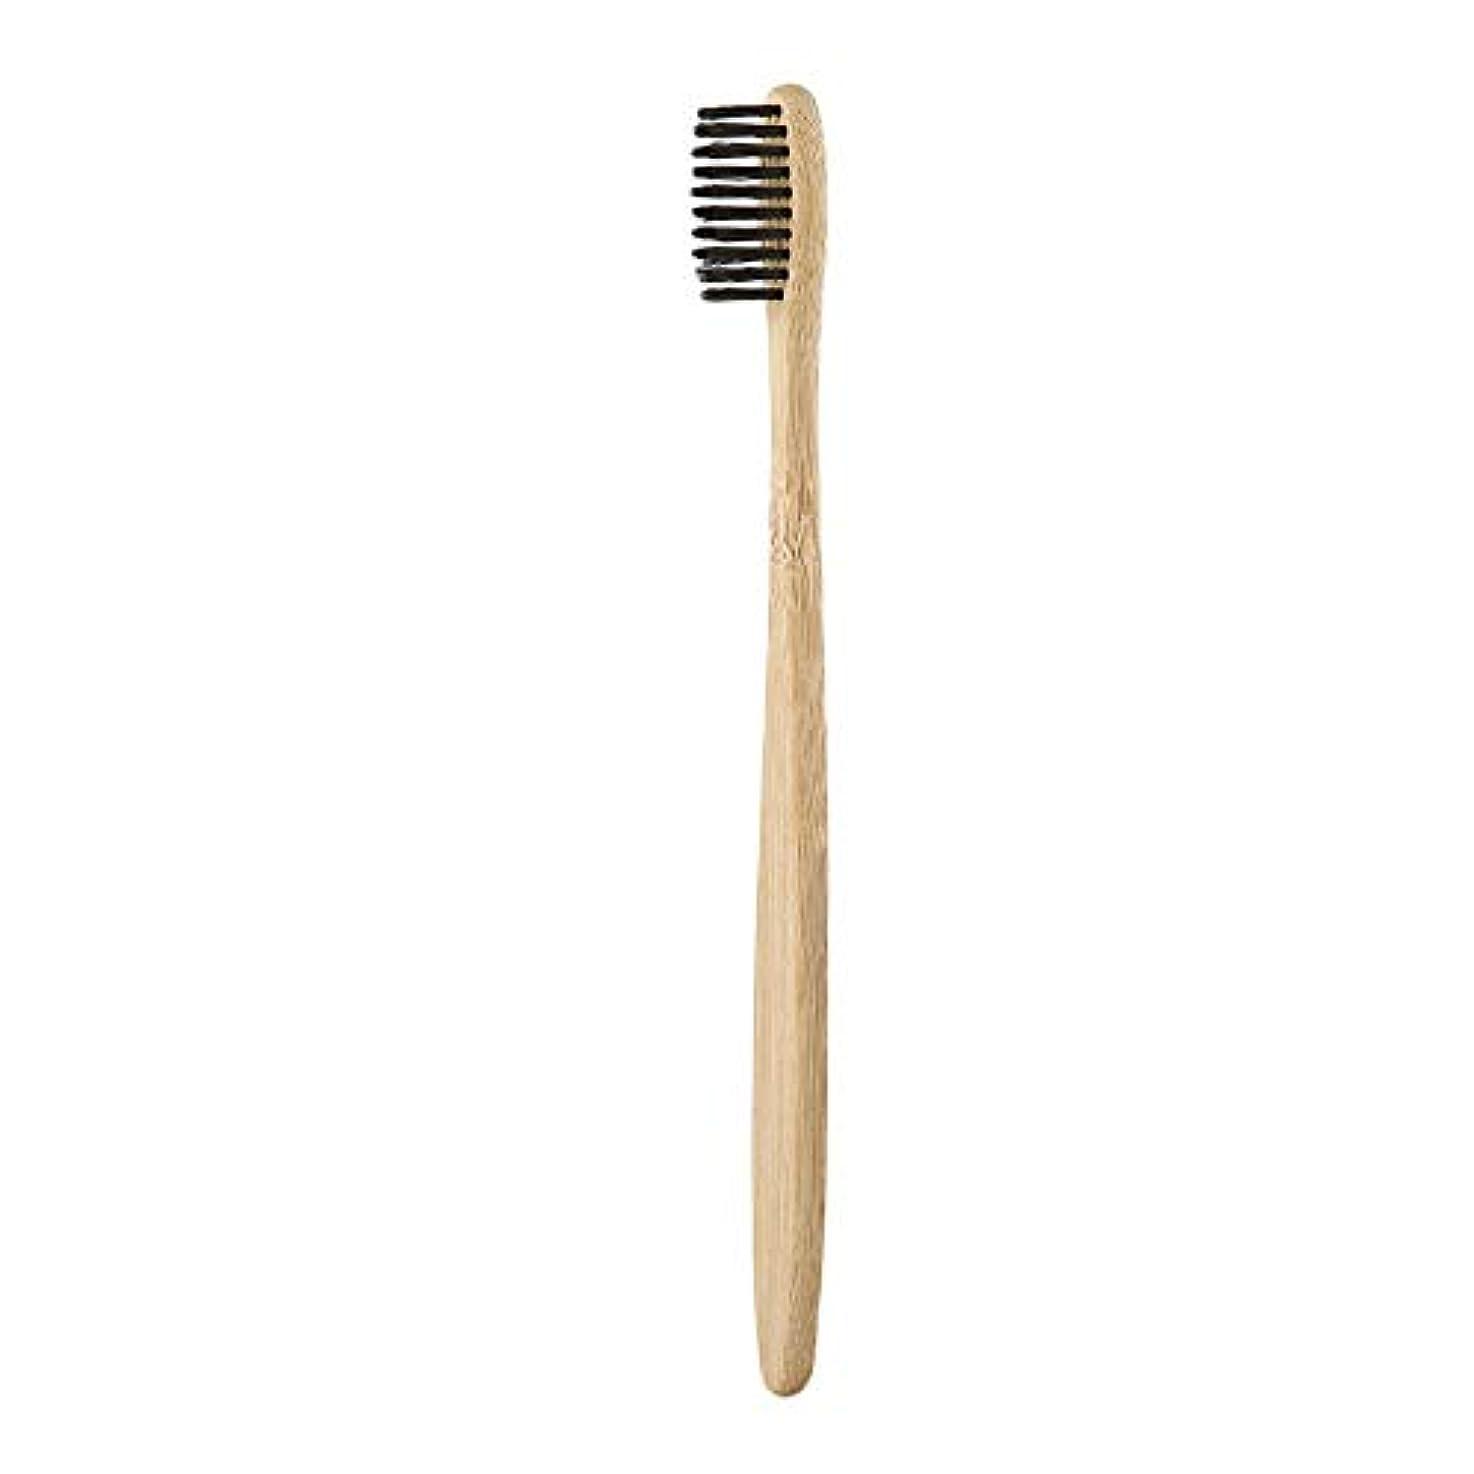 ウッズ徐々に病気手作りの快適な環境に優しい環境歯ブラシ竹ハンドル歯ブラシ炭毛健康オーラルケア-ウッドカラー